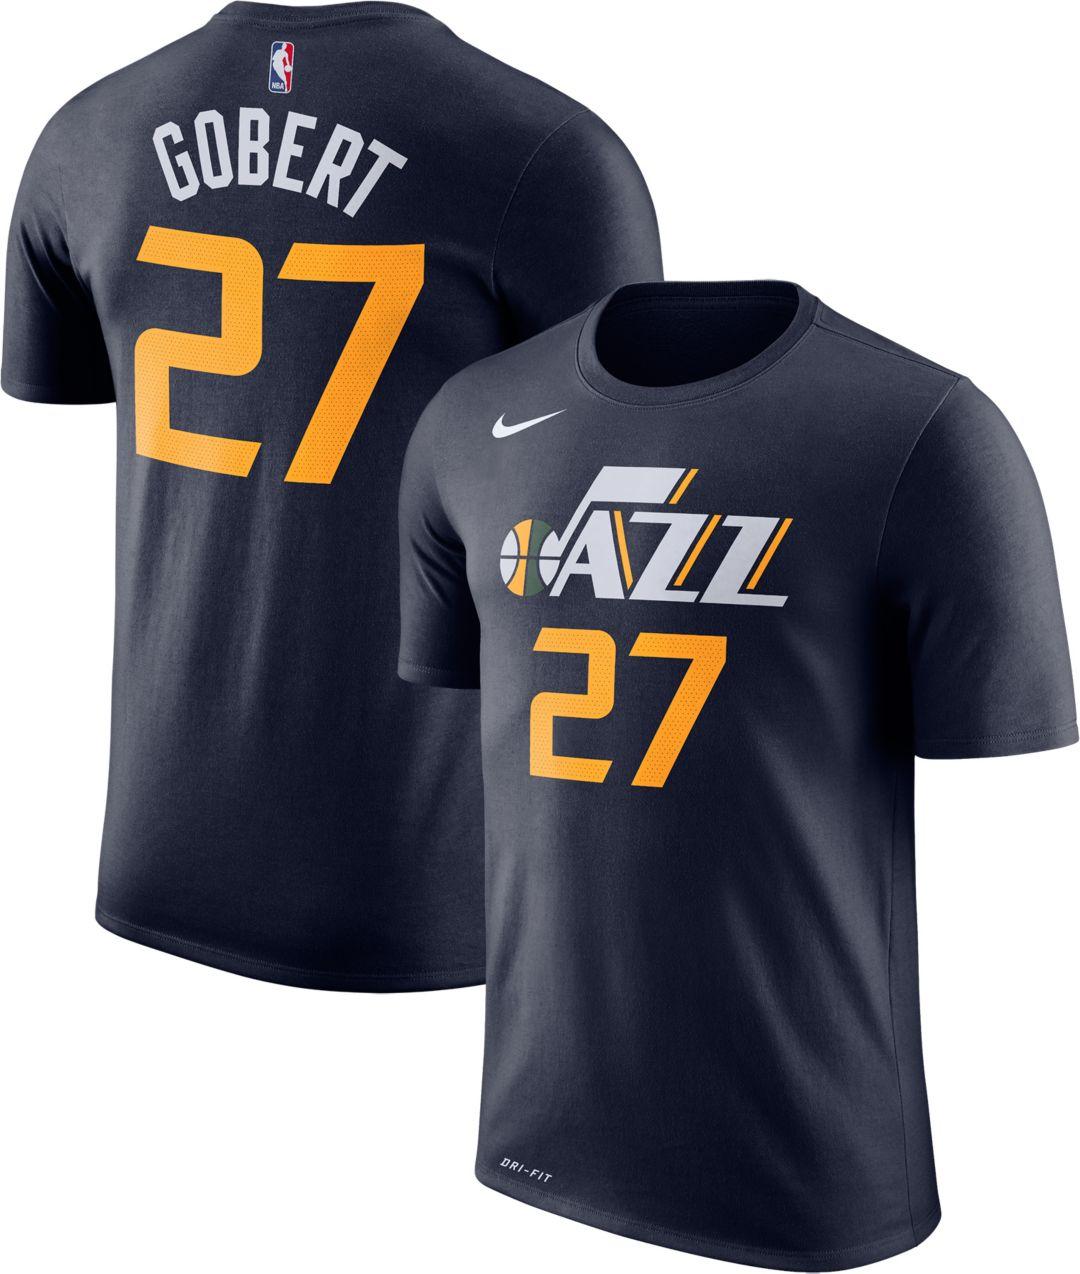 release date: 137a6 ade4c Nike Men's Utah Jazz Rudy Gobert #27 Dri-FIT Navy T-Shirt